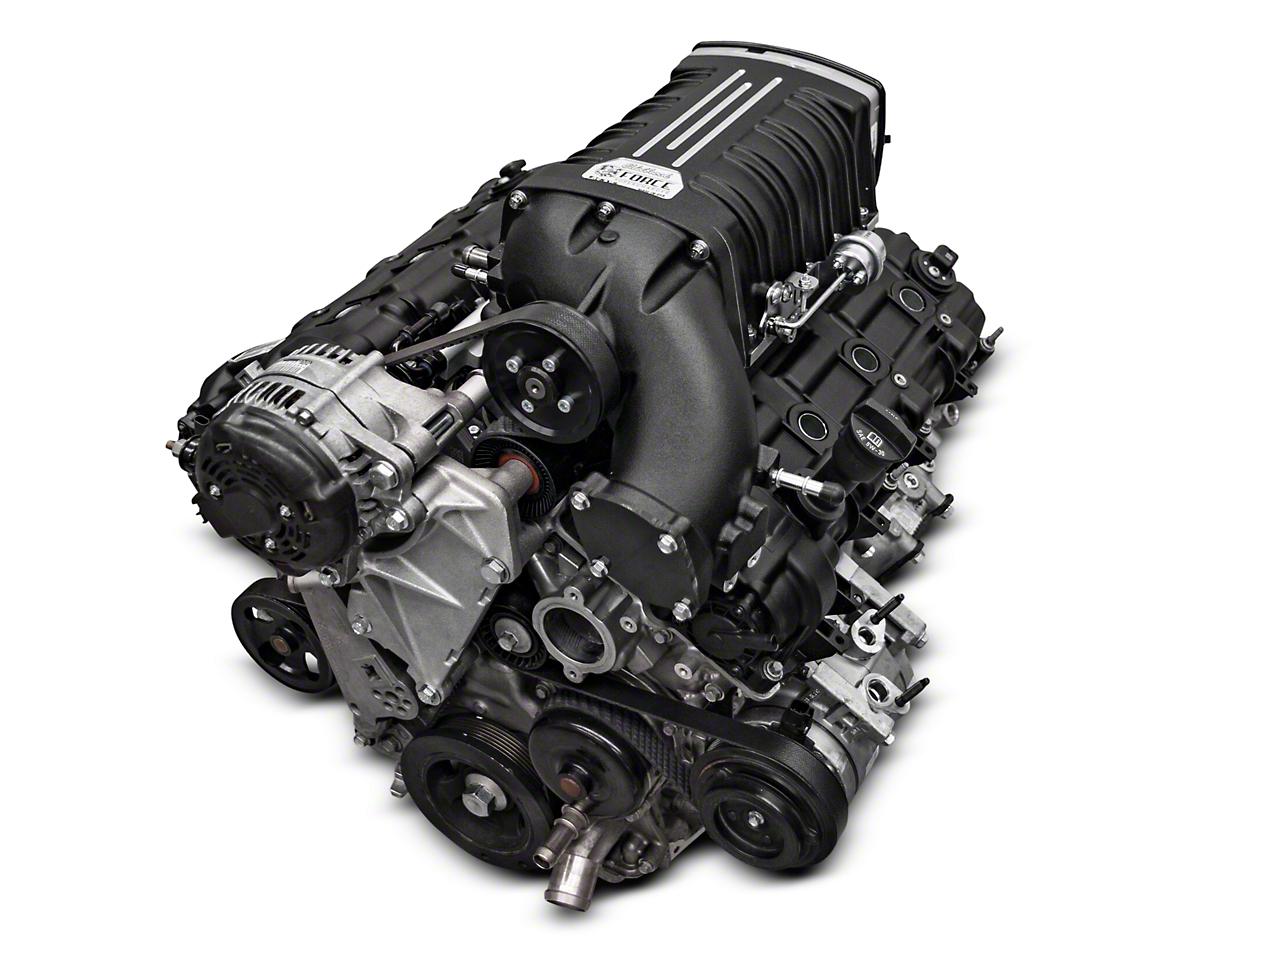 Edelbrock E-Force Stage 1 Street Supercharger w/ Tuner (12-14 Wrangler JK)